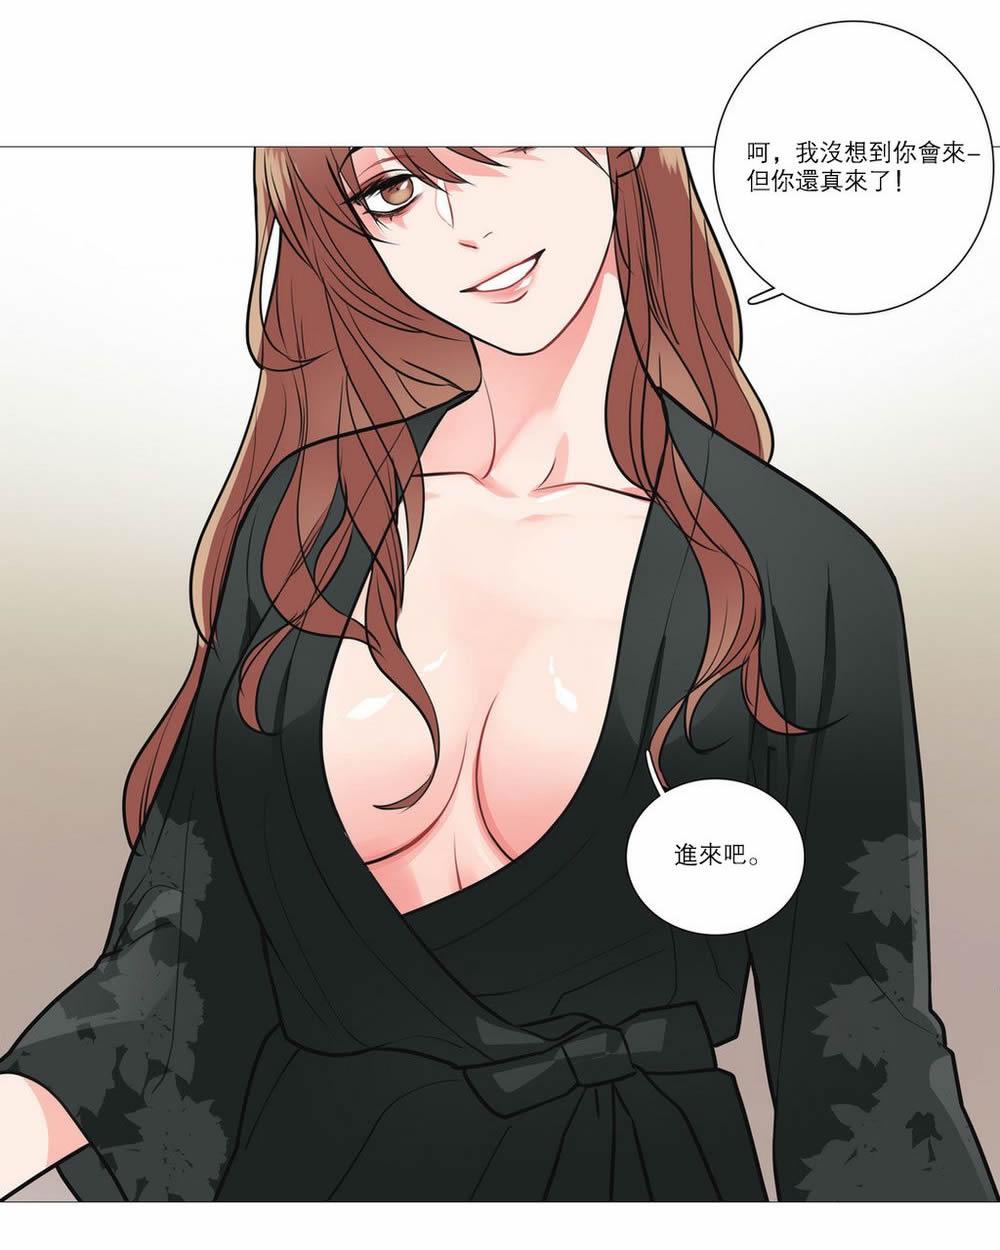 里番ACG - lfa.gongkoutu.com